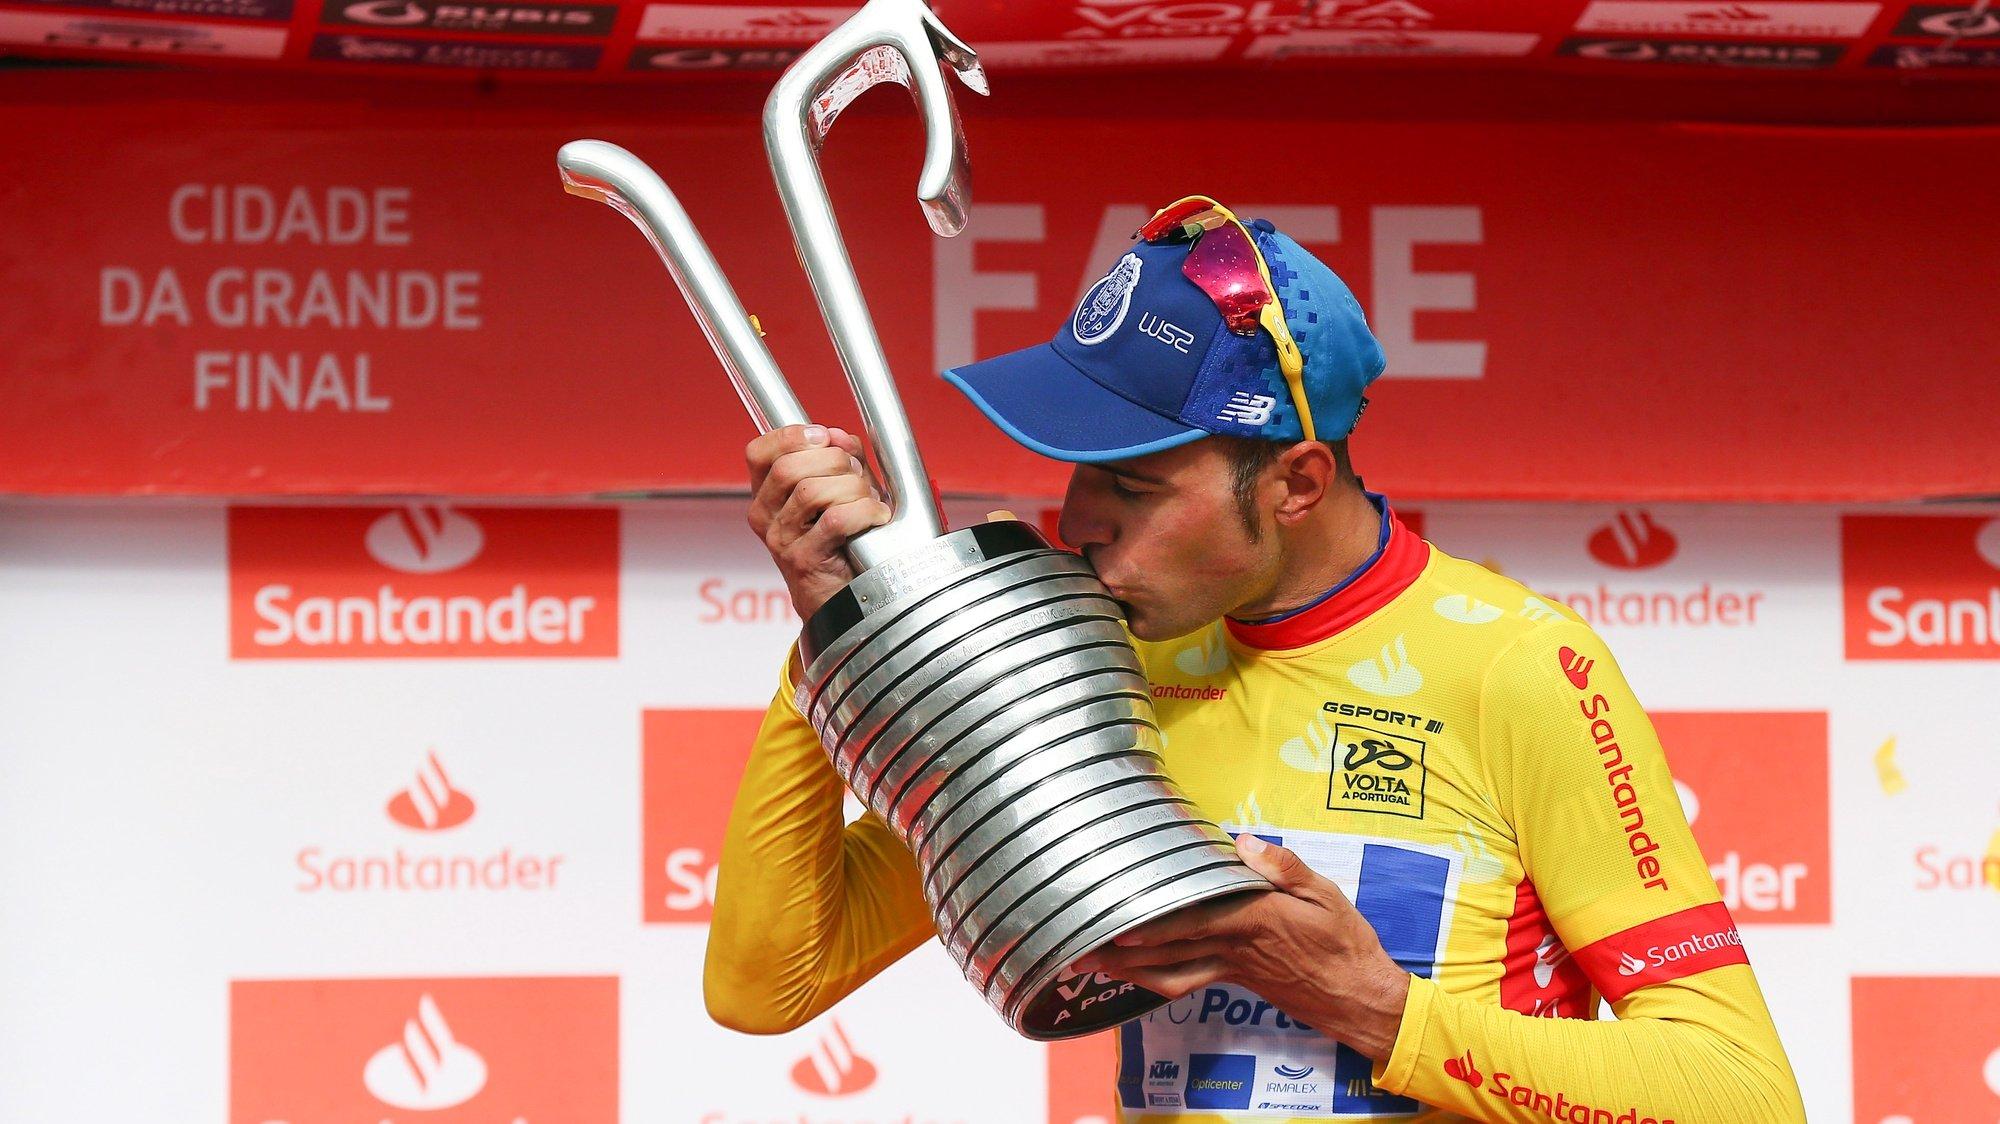 O ciclista Raúl Alarcón, da W52 - FC Porto, beija o troféu de vencedor no pódio, após a 10ª e última etapa da 80ª Volta a Portugal em Bicicleta, um contrarrelógio disputado hoje em Fafe numa distância de 17,3km. Fafe, 12 de agosto de 2018. NUNO VEIGA/LUSA